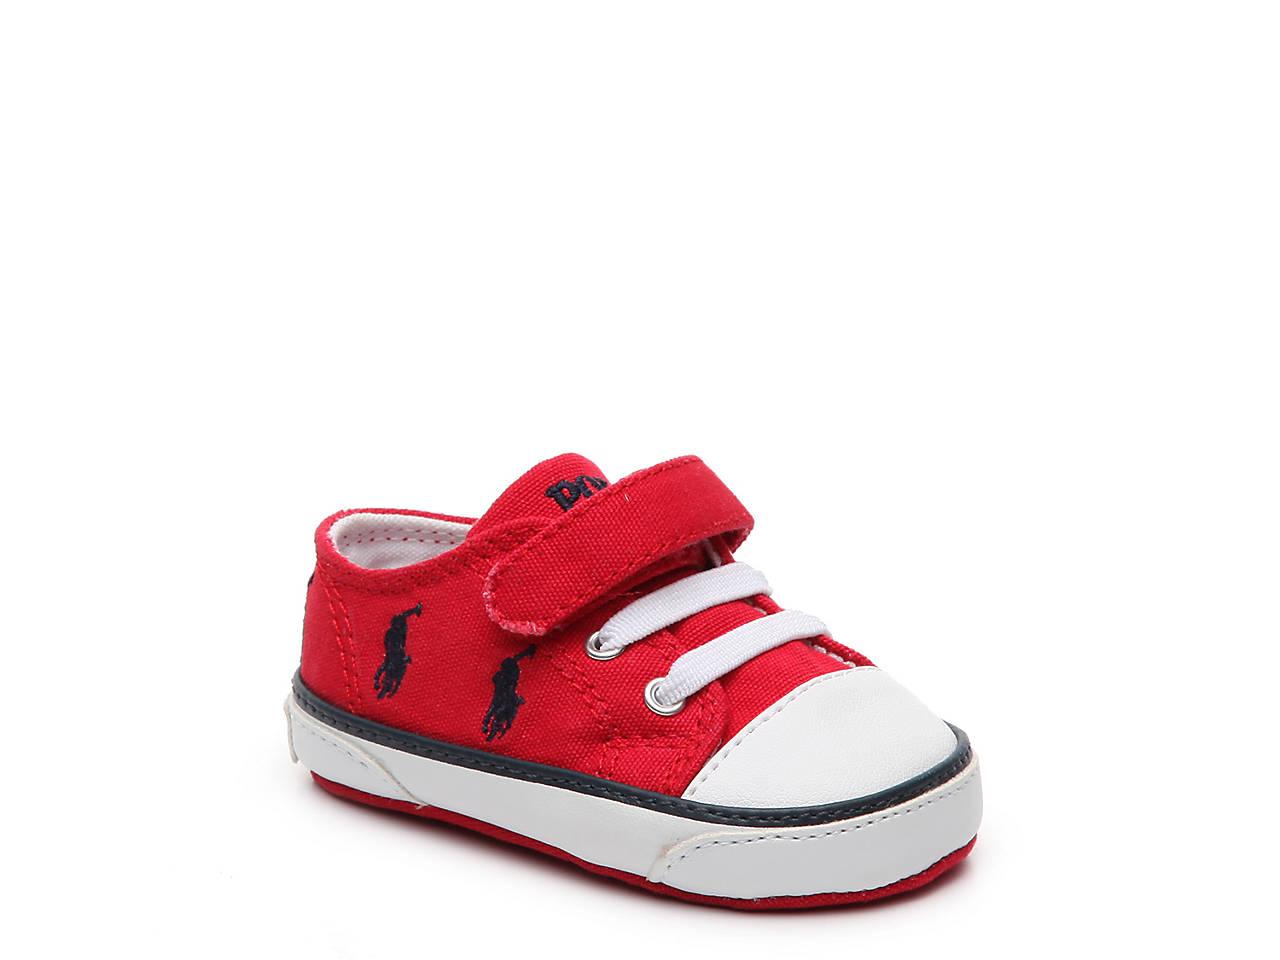 0334d25e0ccca Polo Ralph Lauren Kody Infant Crib Shoe Kids Shoes   DSW